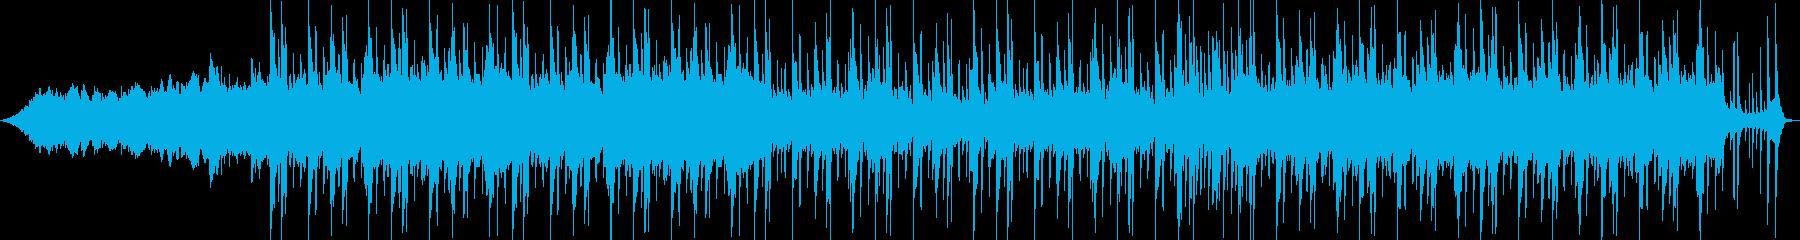 洋楽 お祭り 弦楽器 シンセサイザ...の再生済みの波形